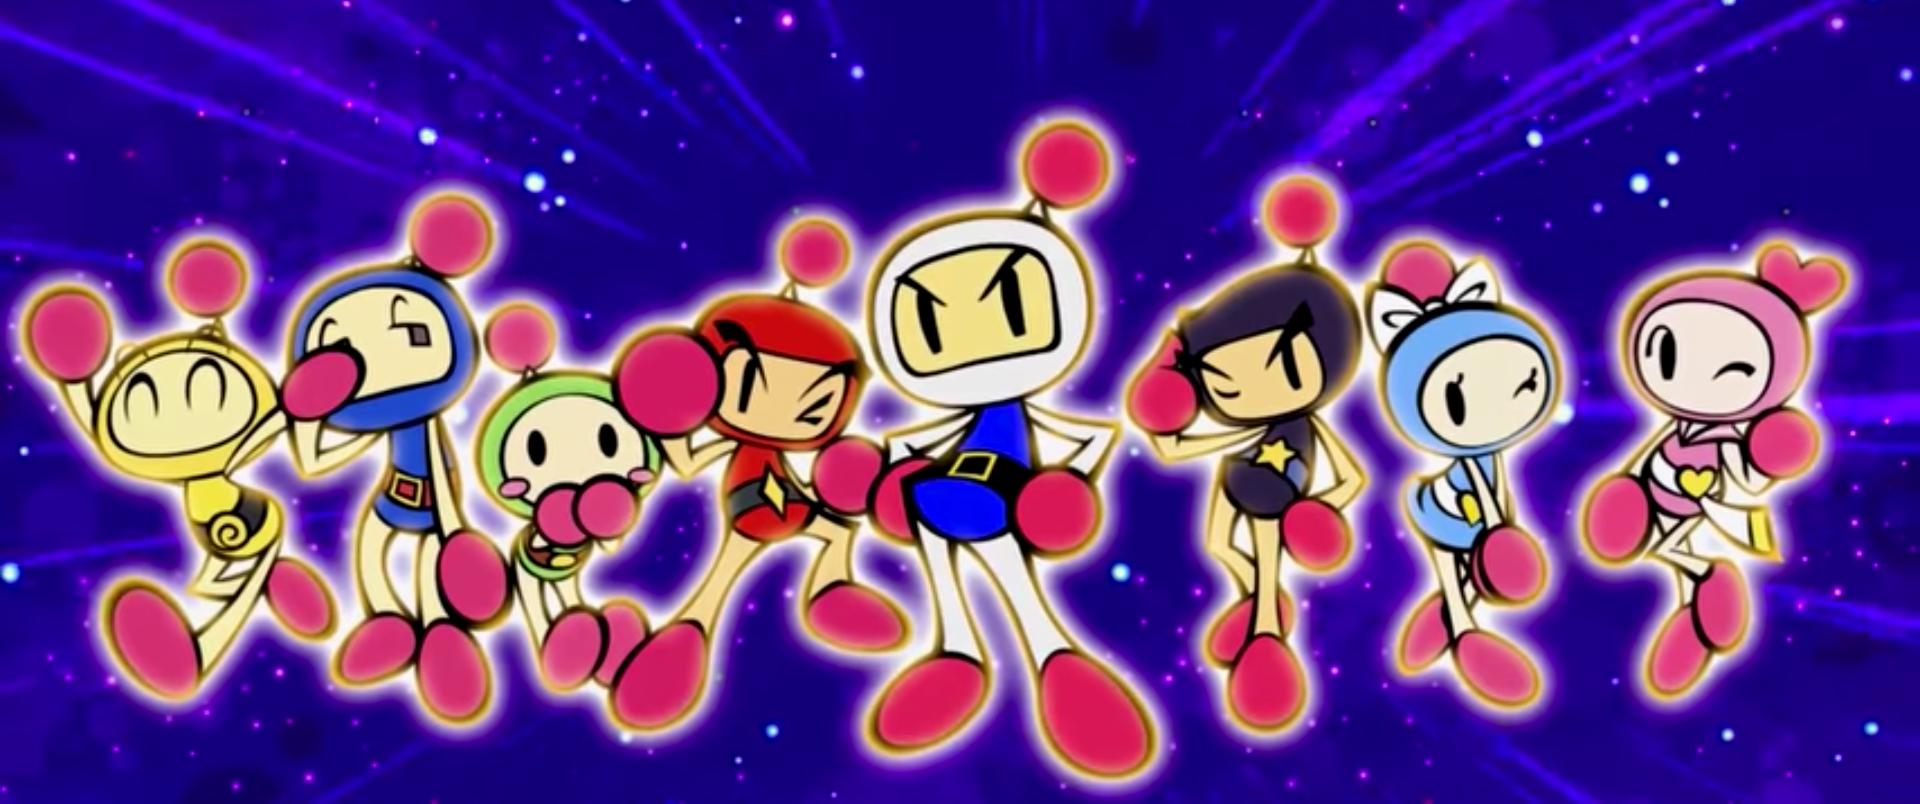 """Acht """"Bombermen"""" - comichafte bunte Gestalten in verschiedenfarbigen Helmen - posieren als Gruppe: Artwork aus """"Super Bomberman R"""" (Switch)."""